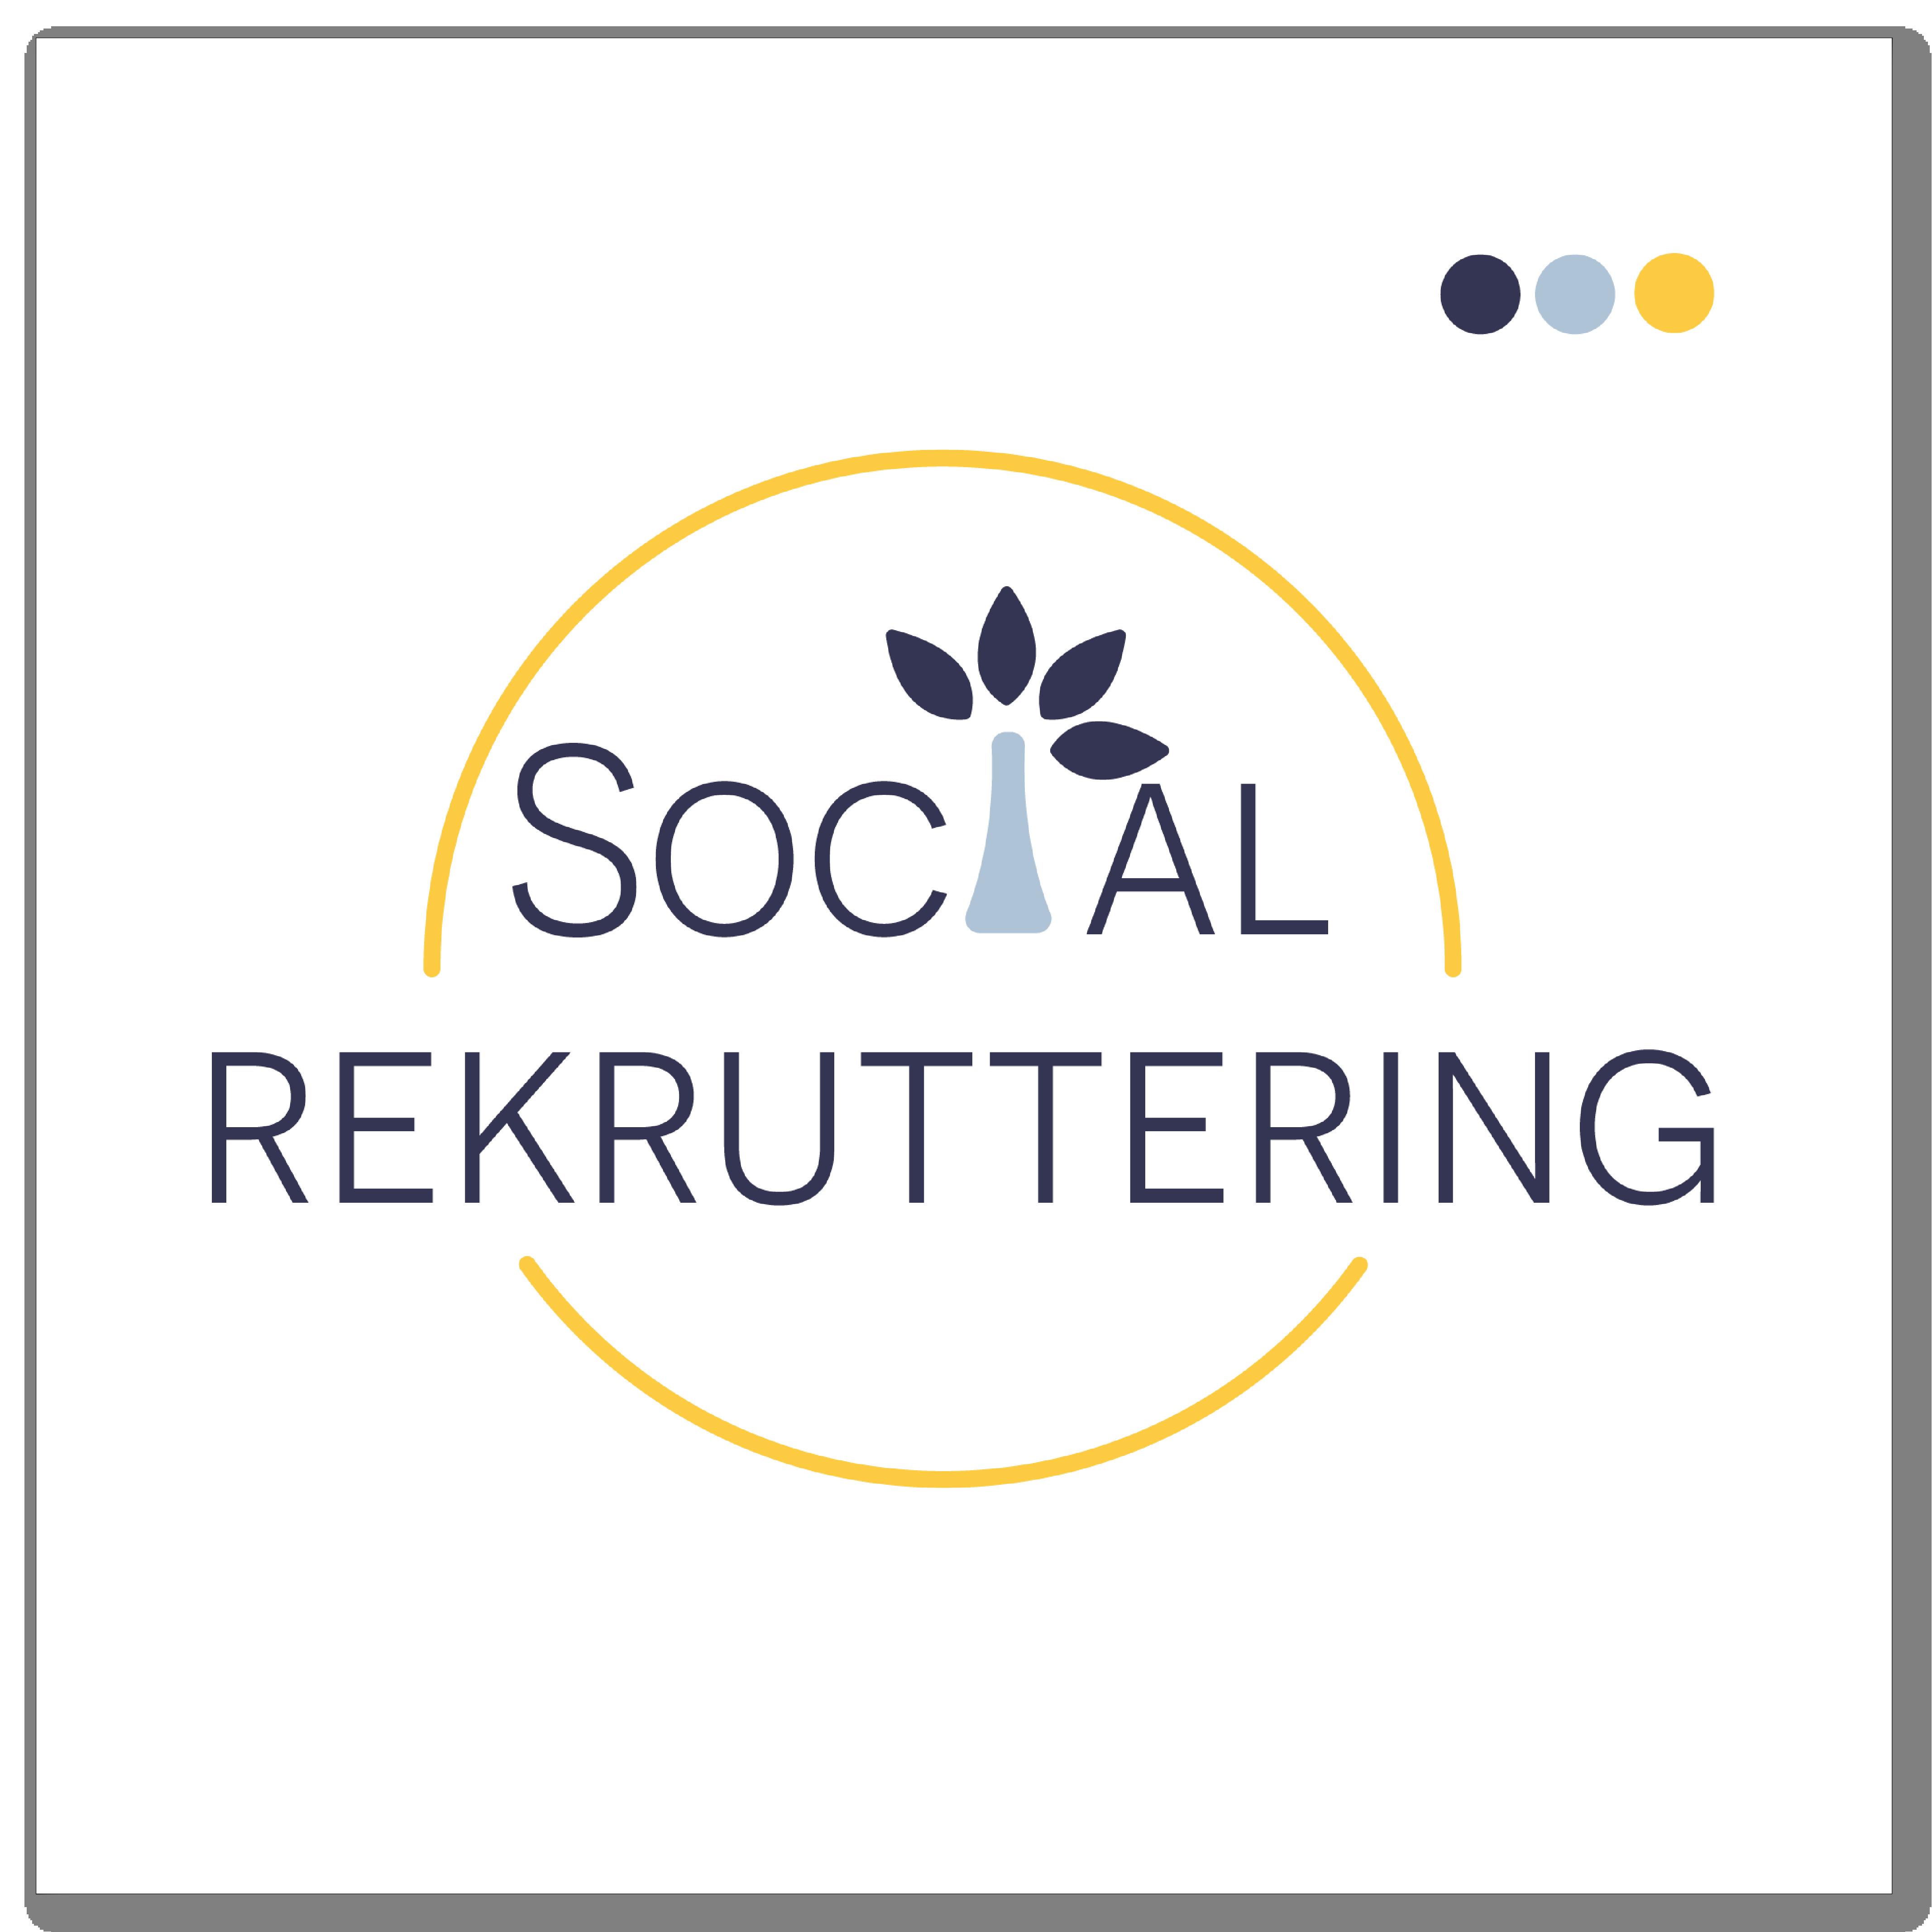 visuel_identitet_social_rekruttering_3